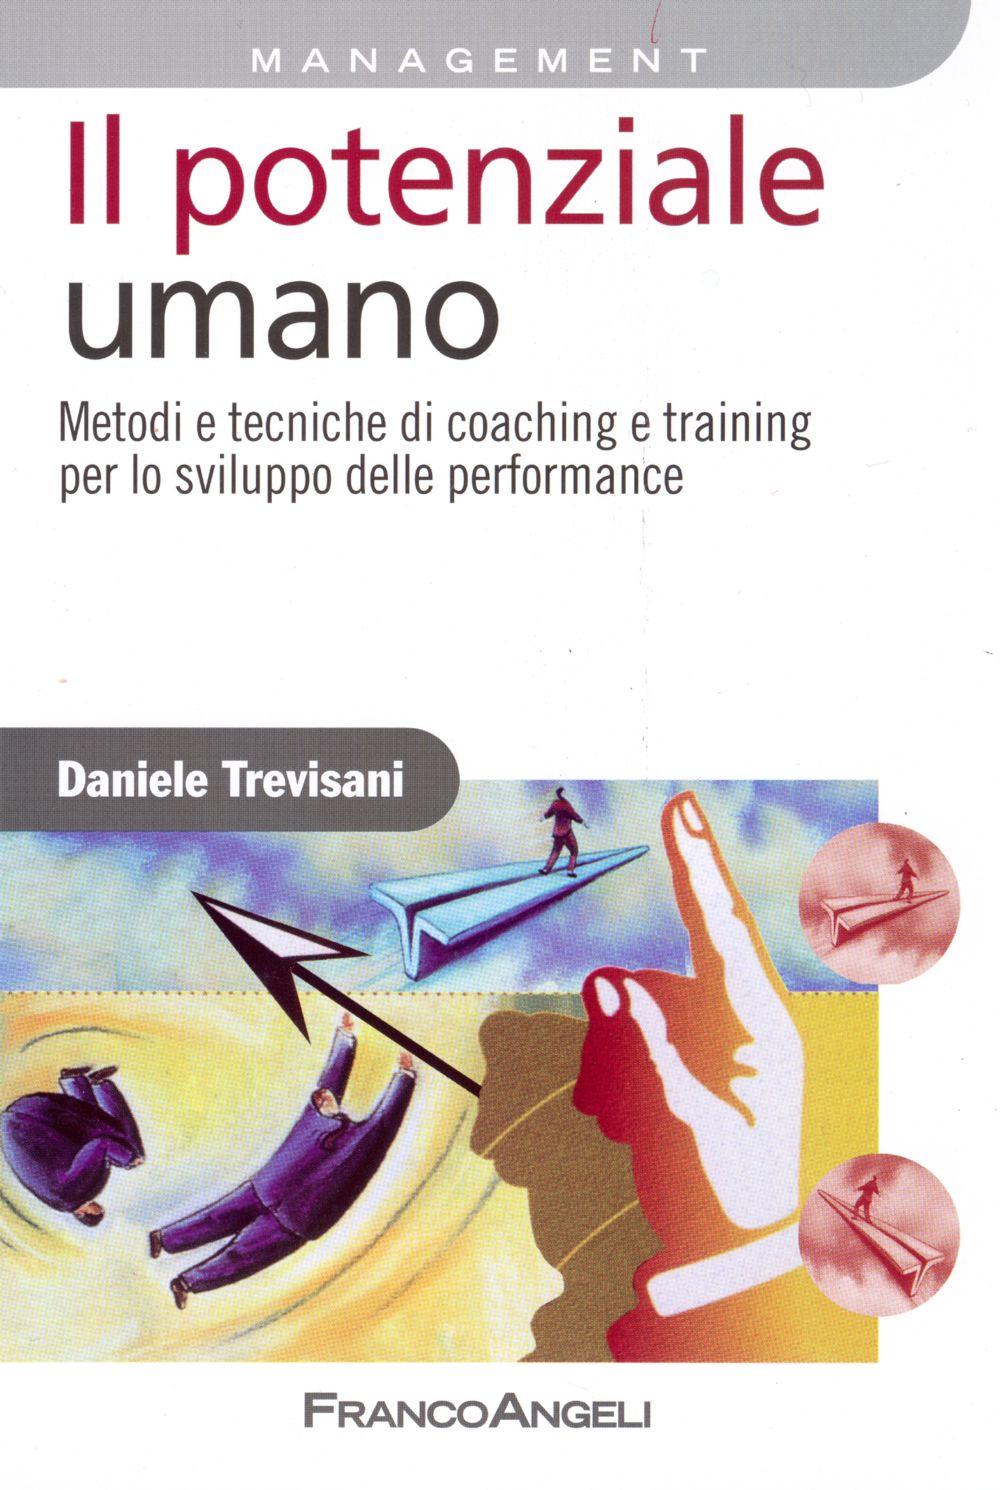 Il Potenziale Umano - metodi di coaching